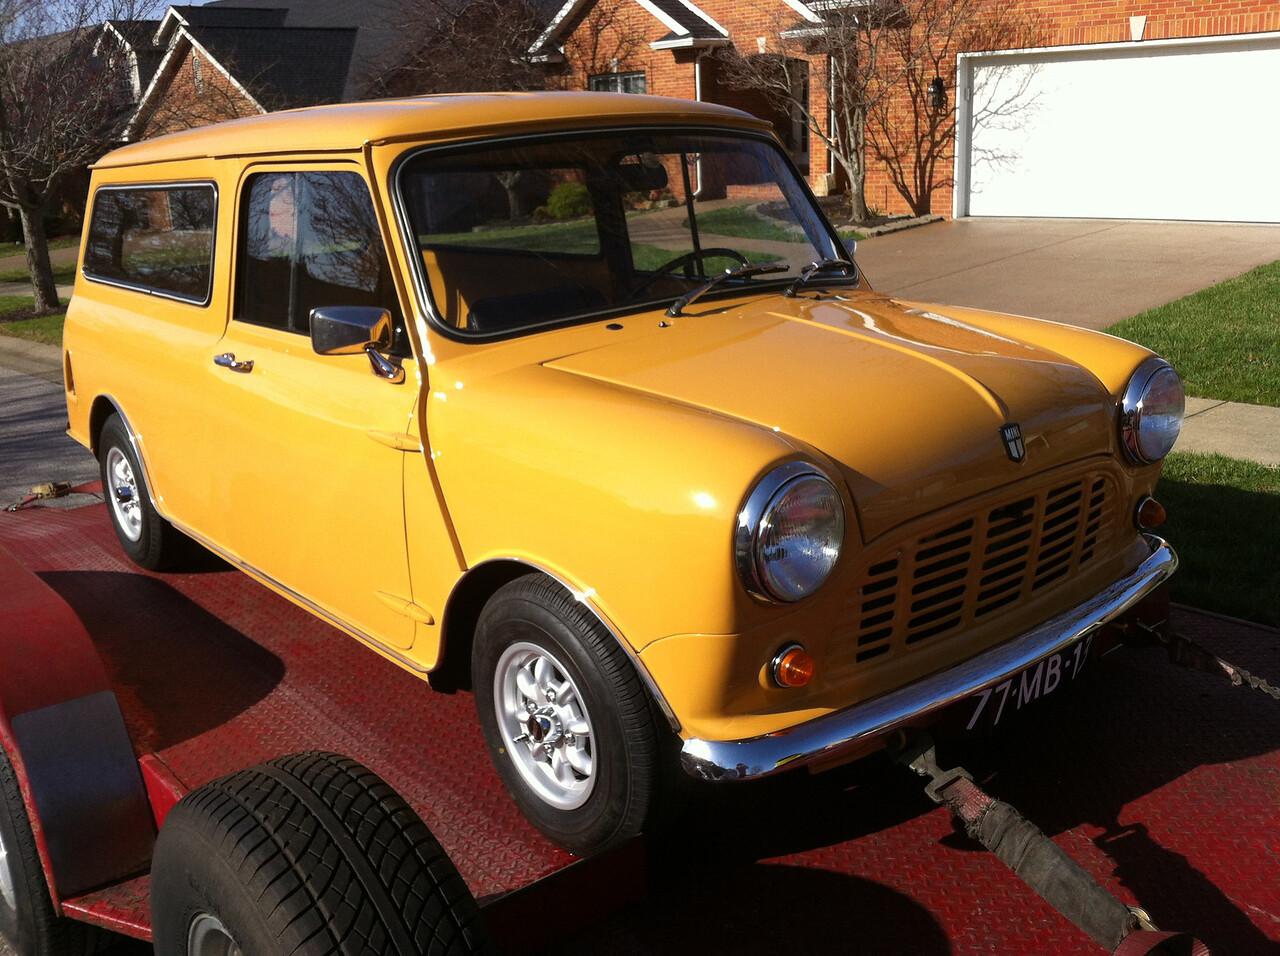 1979 Austin Mini Wagon (Boonville, Indiana to Nashville, Tennessee)